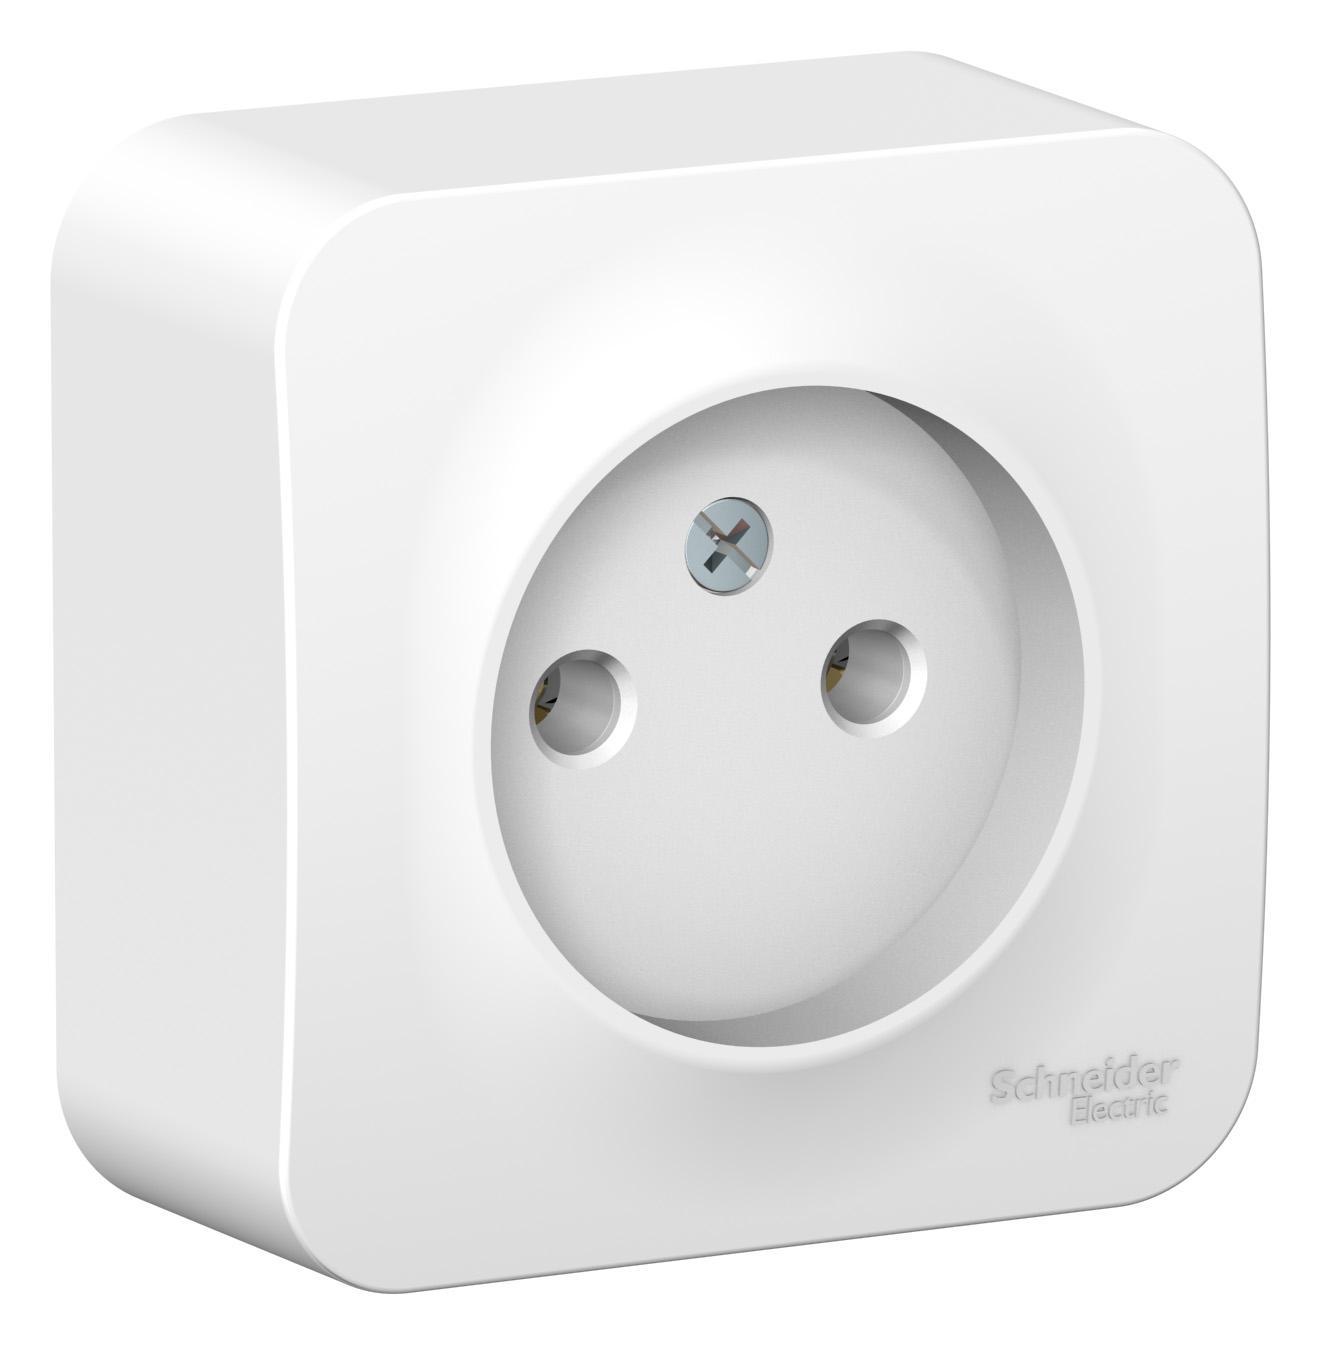 Розетка Schneider electric Blnra000101